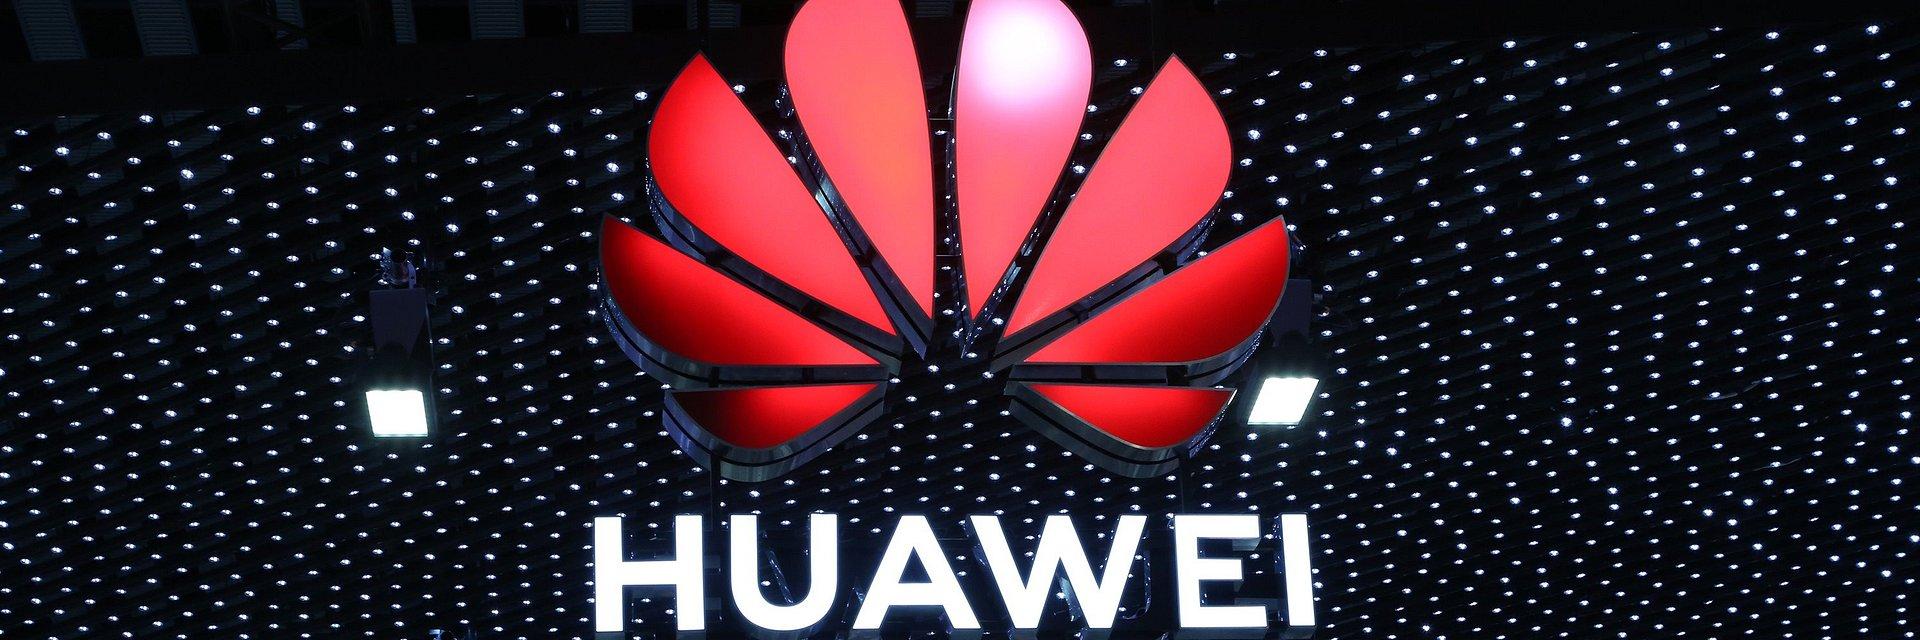 Huawei: 5G dla Europy powstanie w europejskich fabrykach